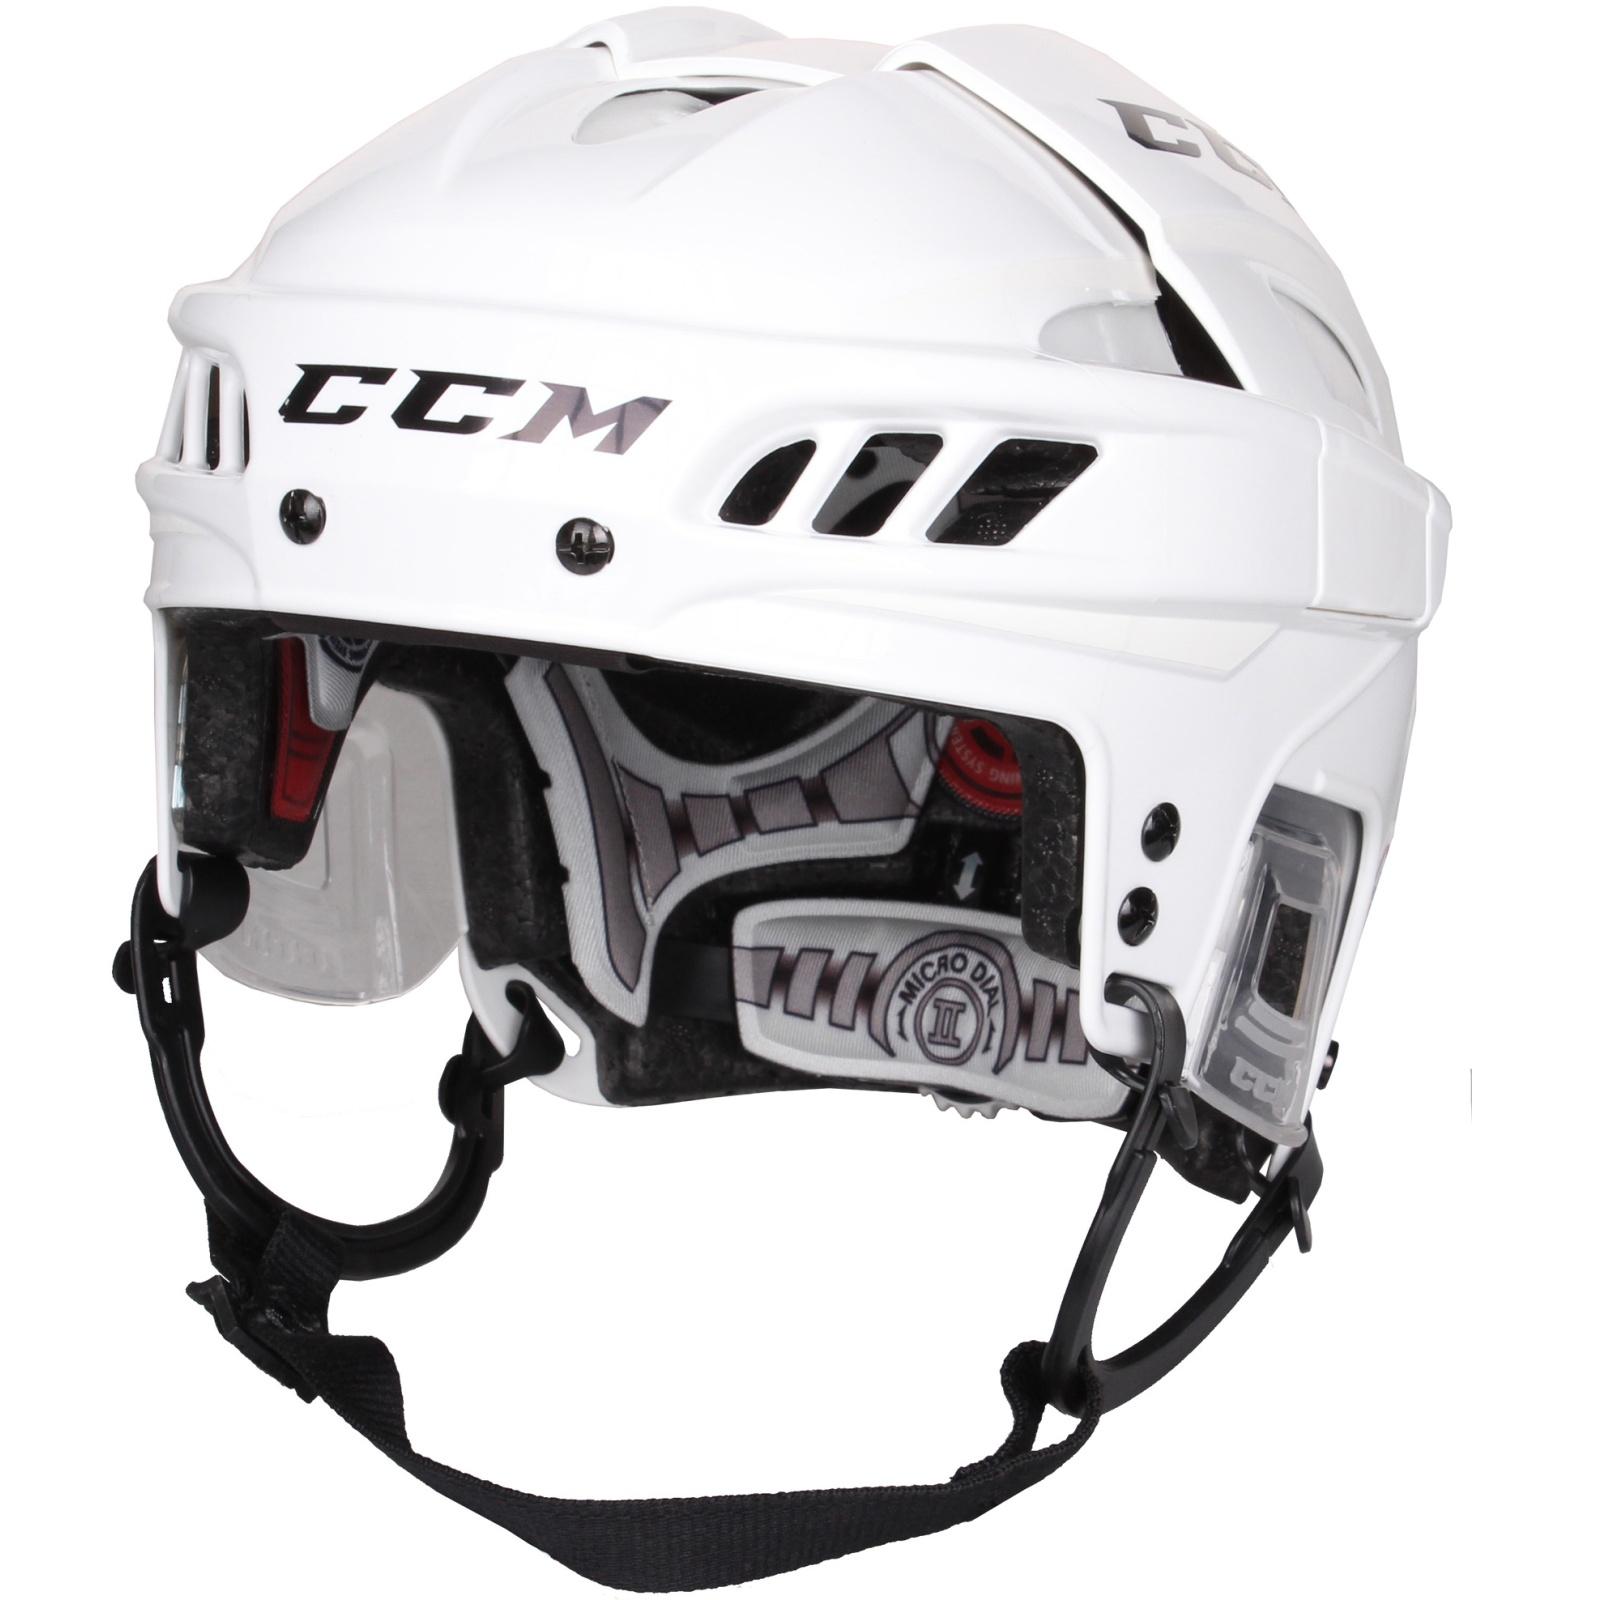 Hokejová helma CCM FitLite bílá - vel. S